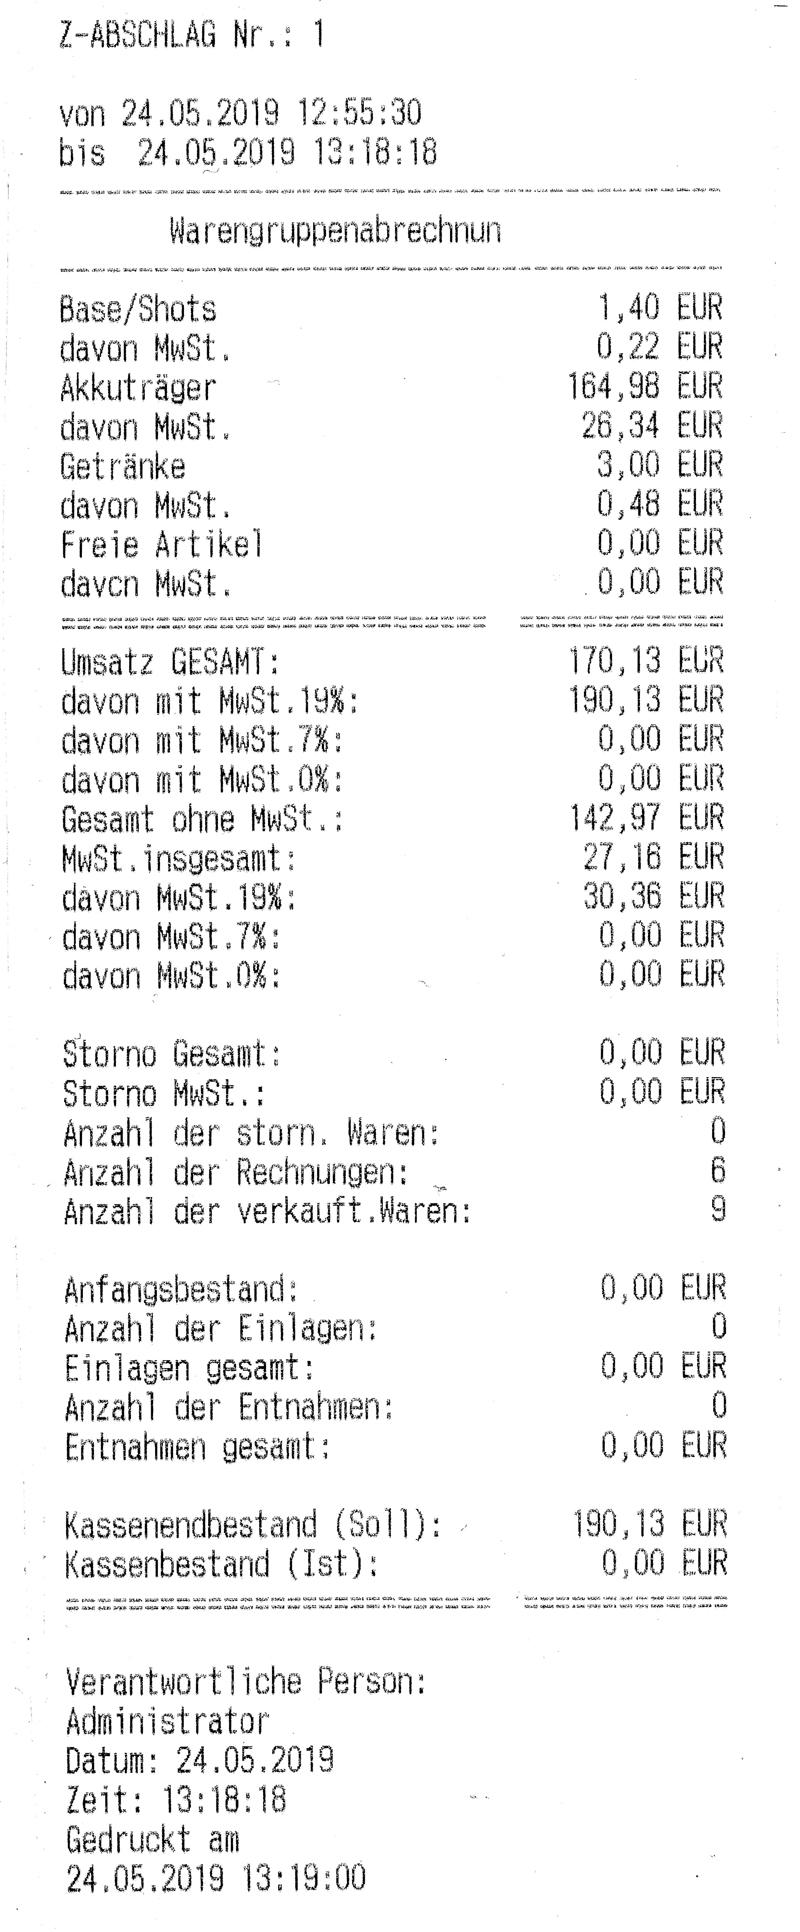 https://www.net-dream.de/Kassensystem/Kassensoftware%20PosdProm%20Handel%20Plus%204.1%20Z-Abschlag.jpg